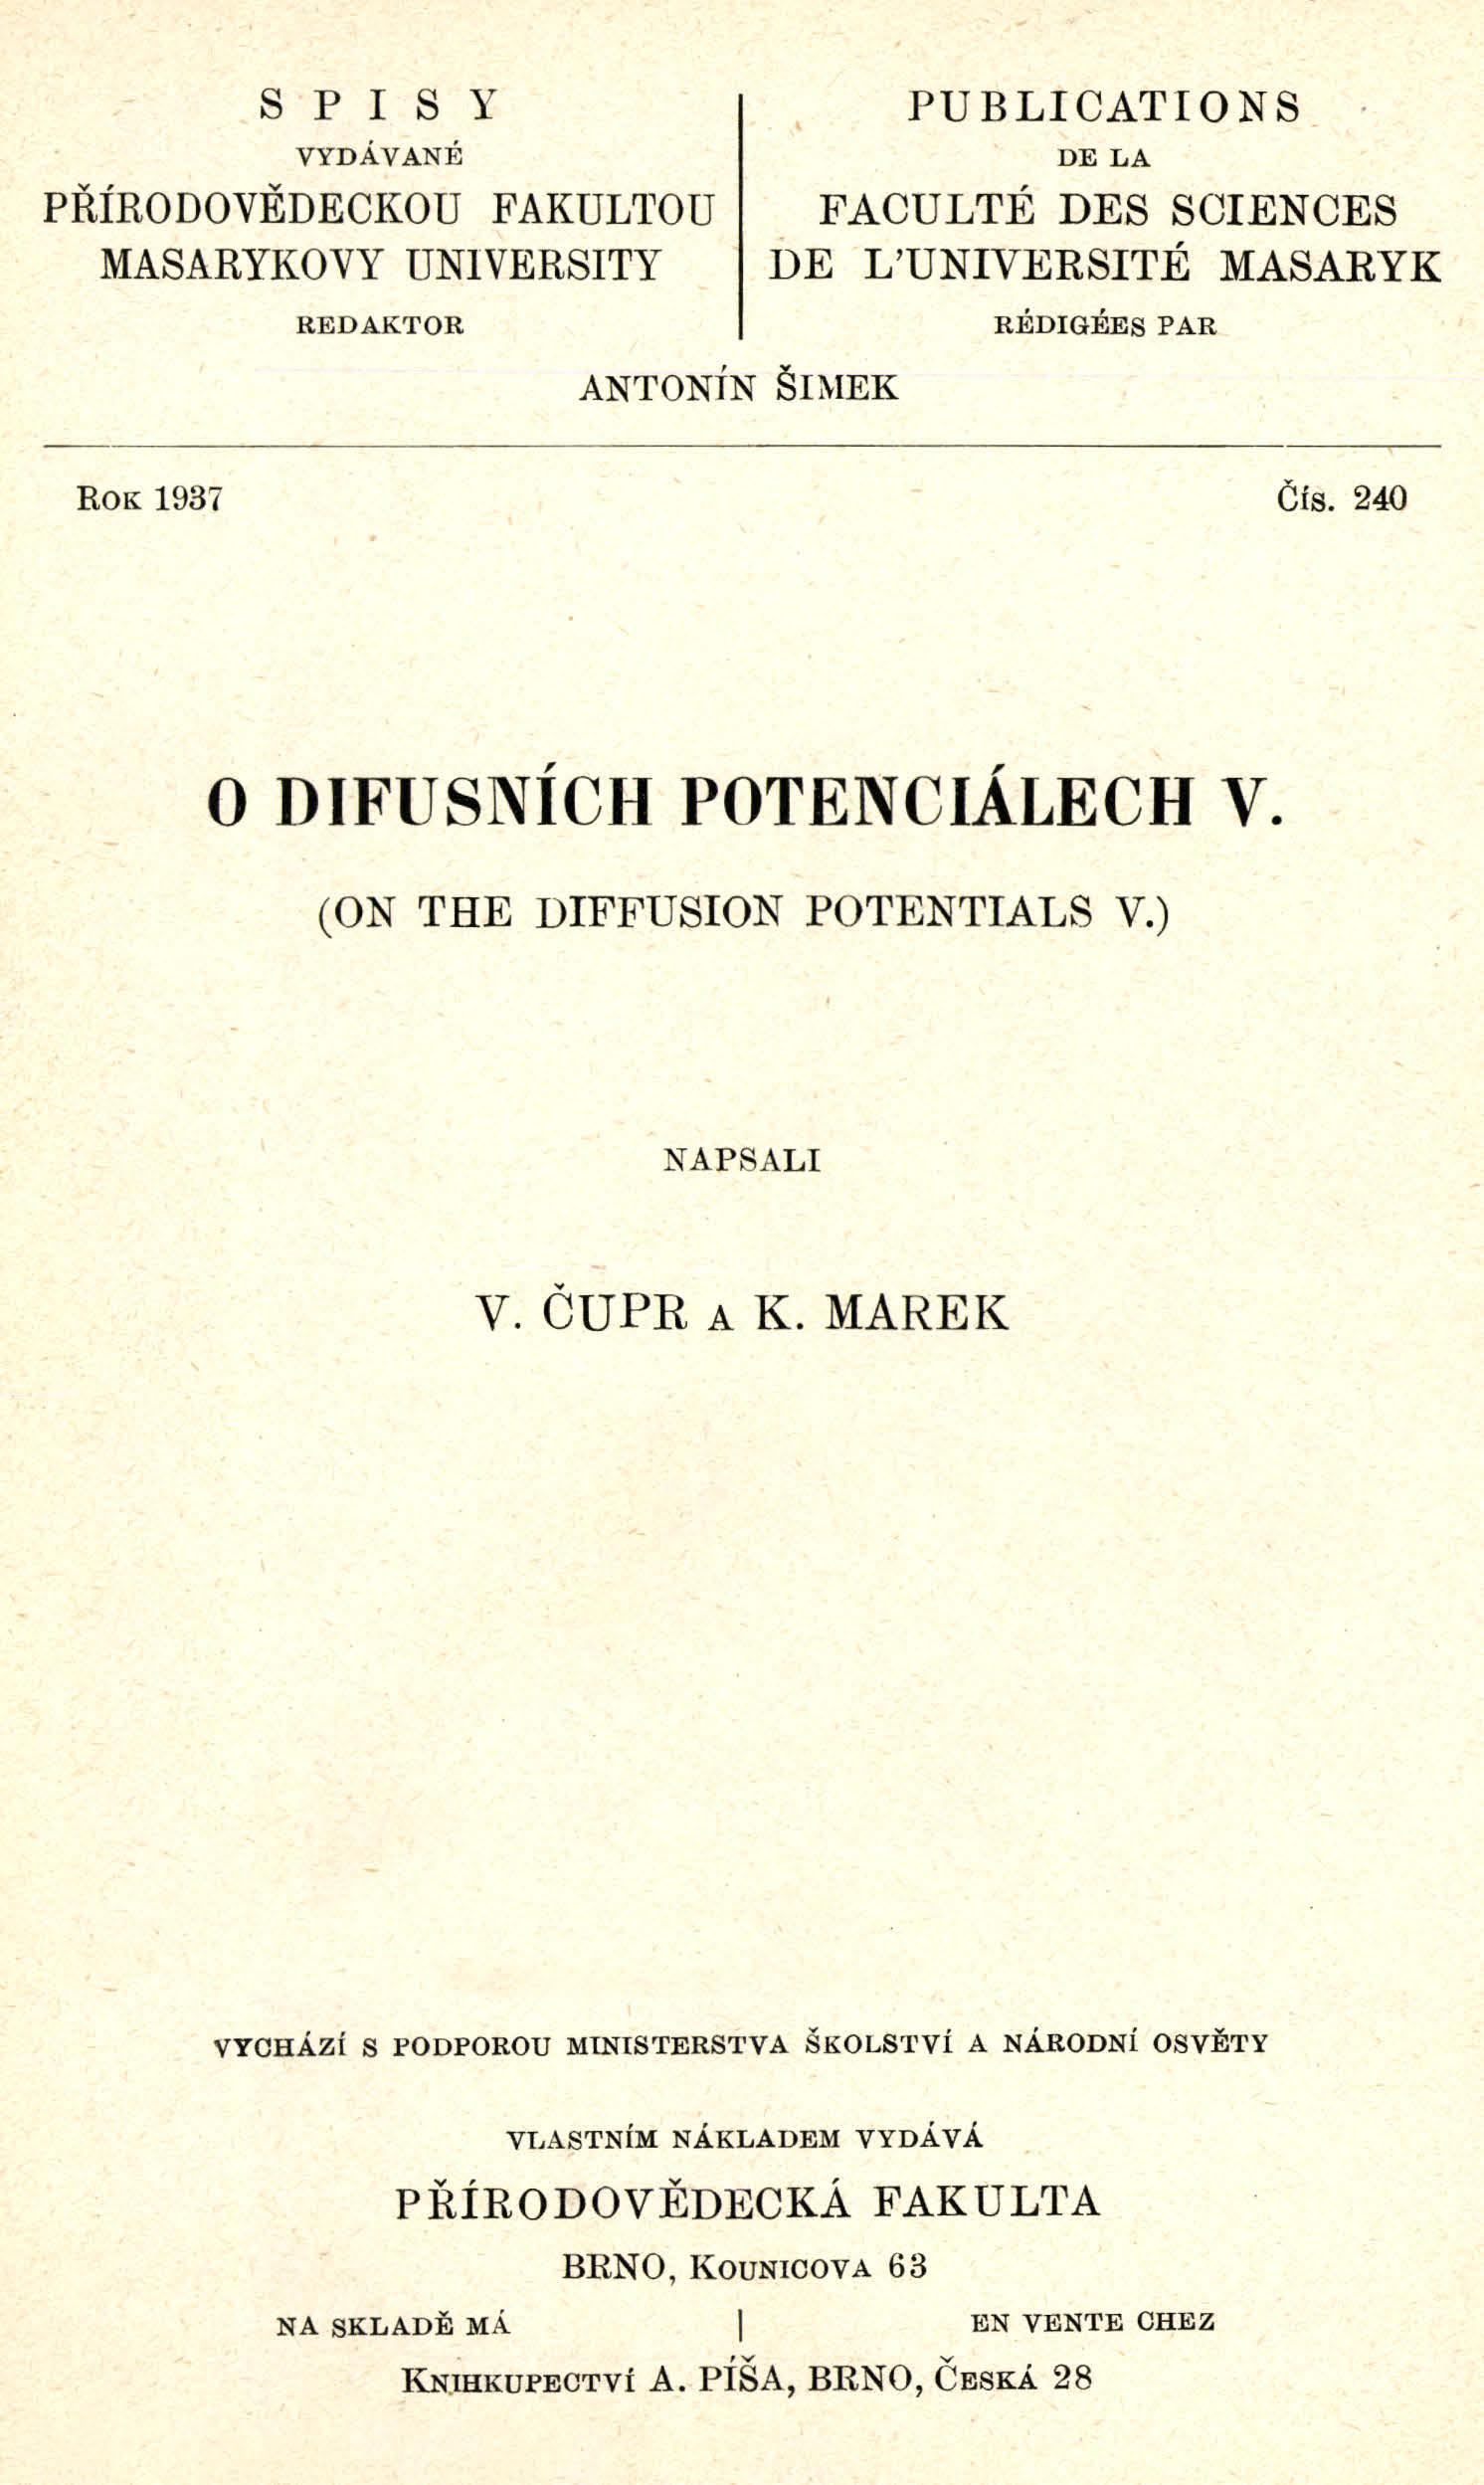 Obálka pro O difusních potenciálech V.